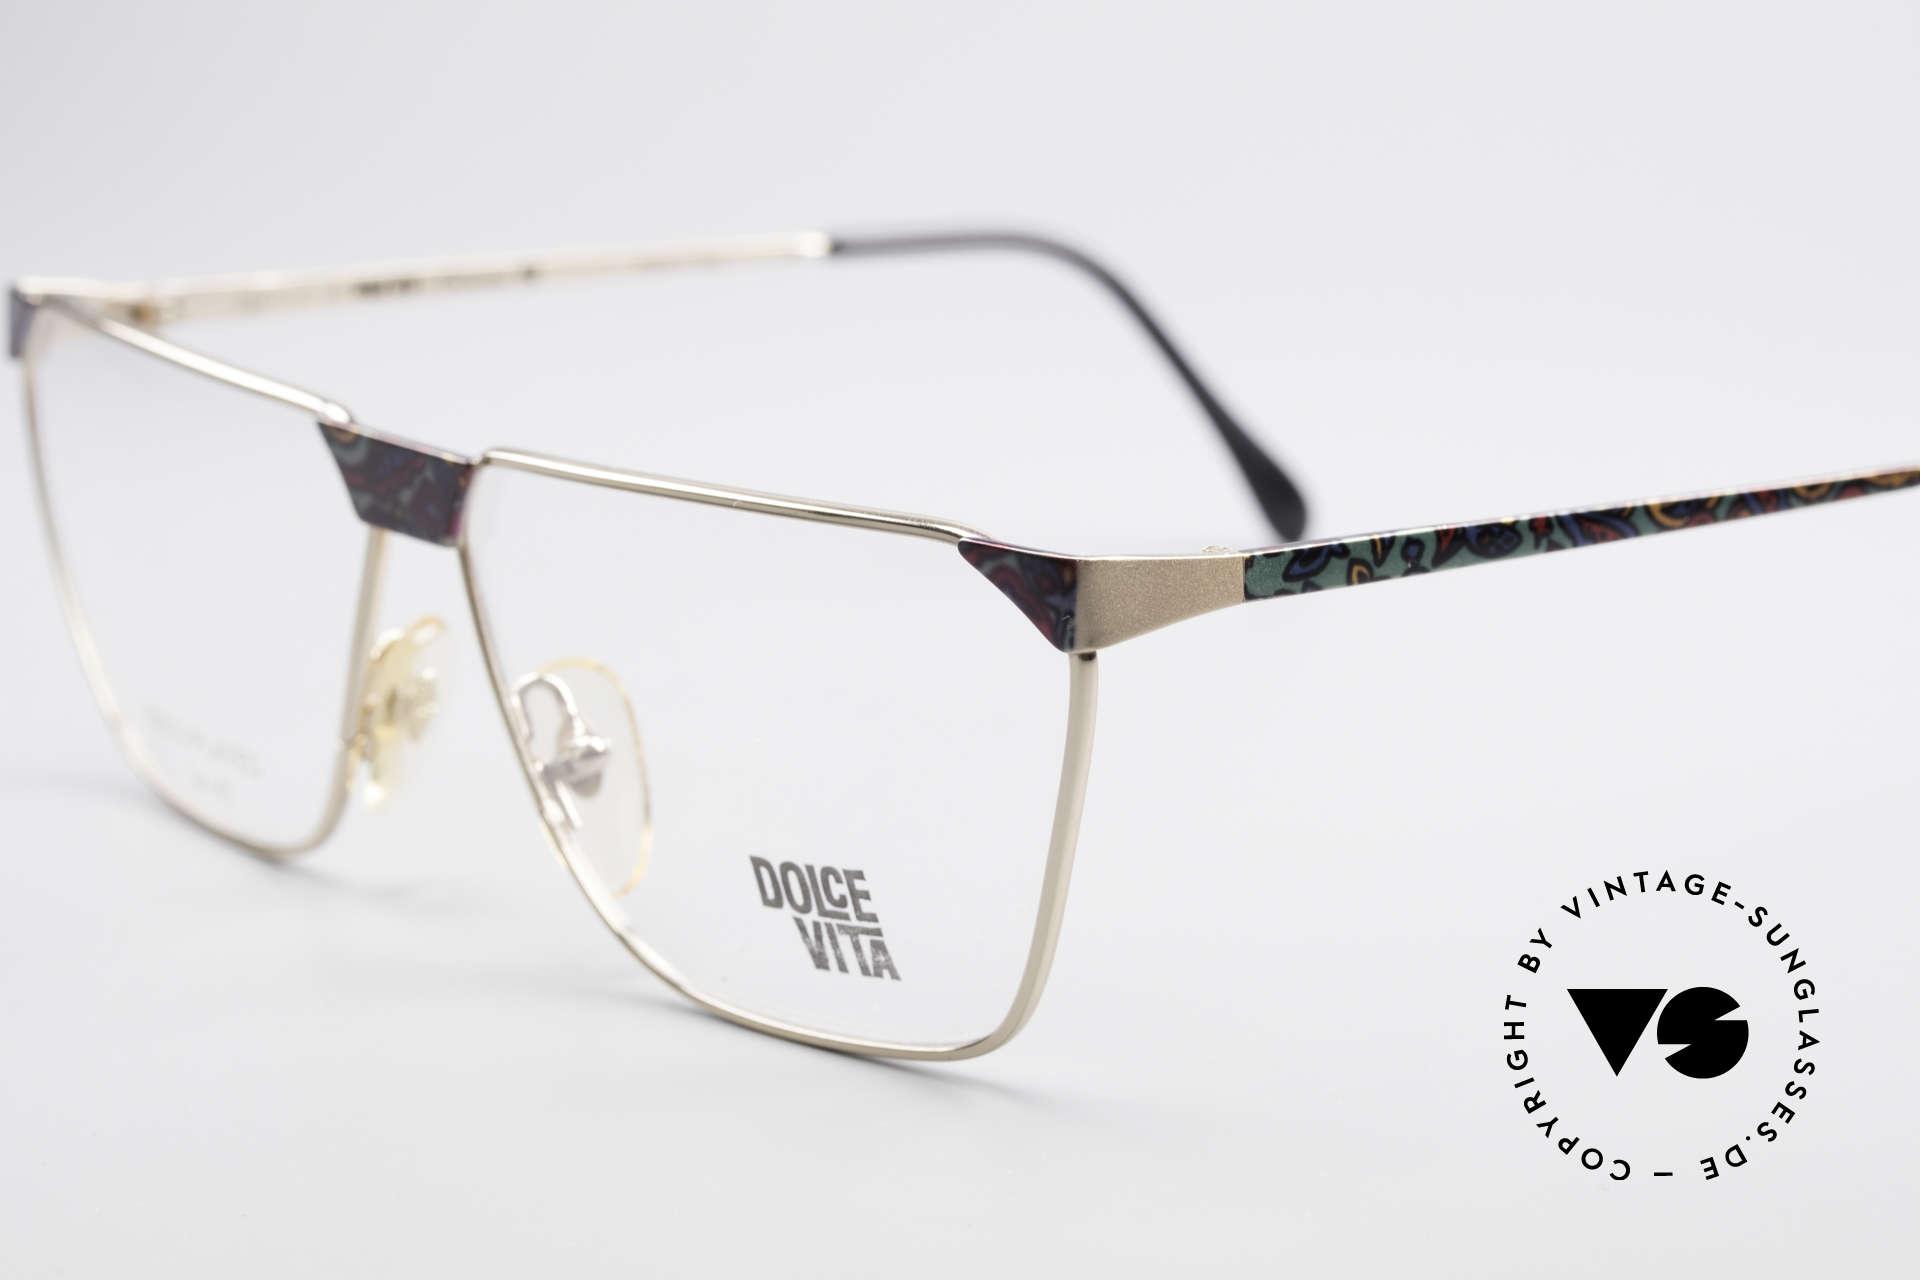 Casanova NM22 Dolce Vita 24kt Vintage Brille, nur in Kleinstserie produziert, da aufwändig und teuer, Passend für Herren und Damen